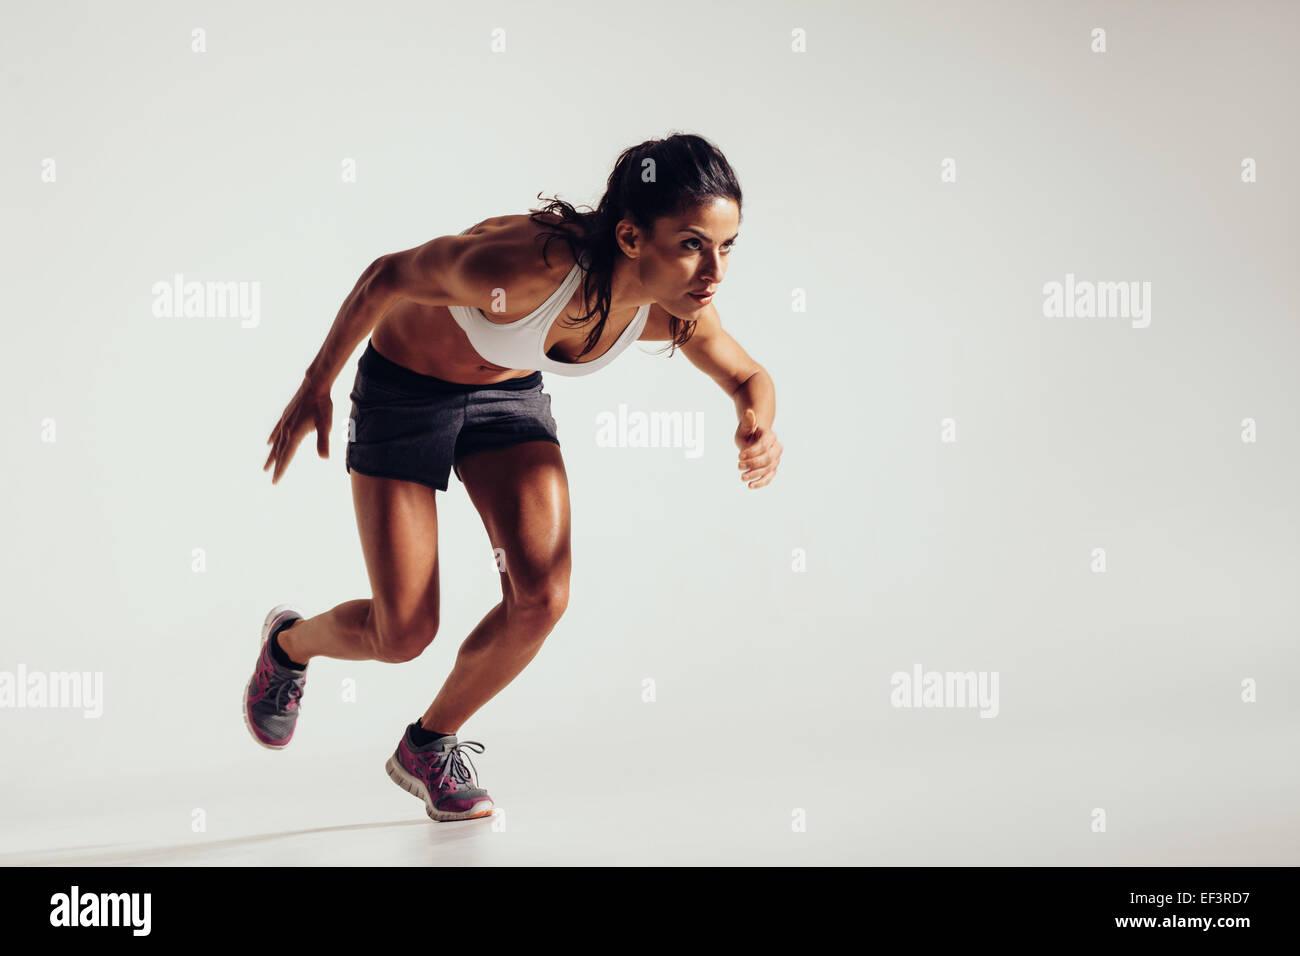 Energética mujer joven corriendo sobre fondo gris. Centrado joven atleta femenina en ejecución. Imagen De Stock